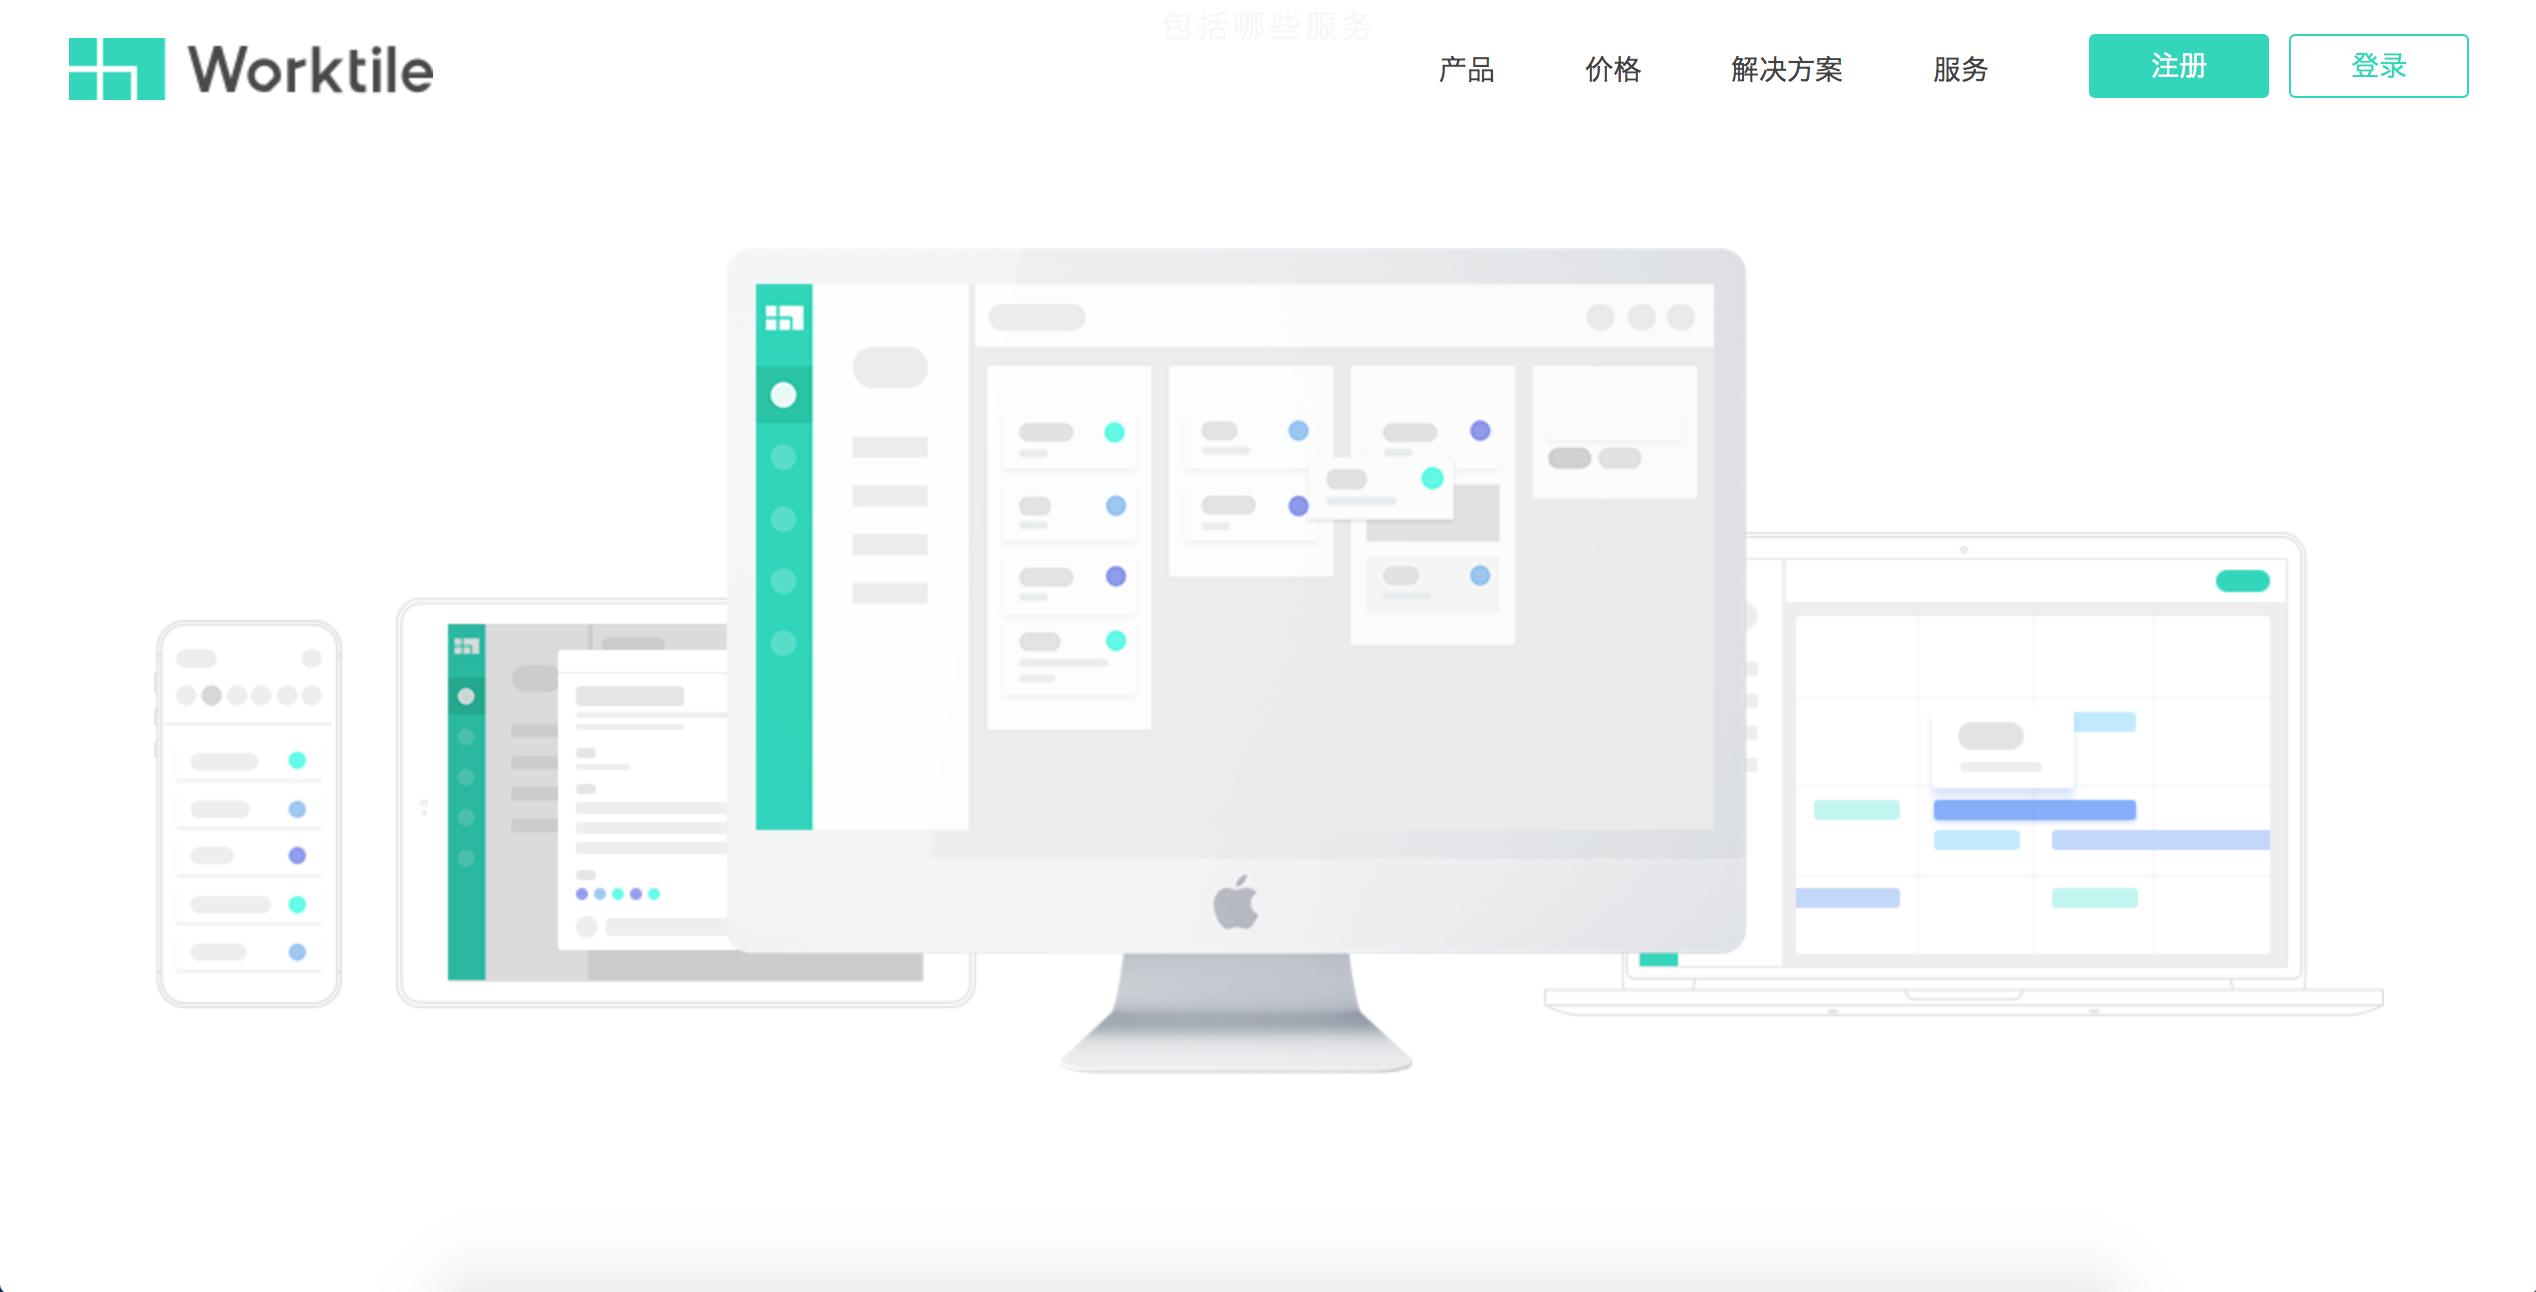 【企服快讯】企业协作平台Worktile获5000万元B轮融资,斯道资本领投、宽带资本跟投